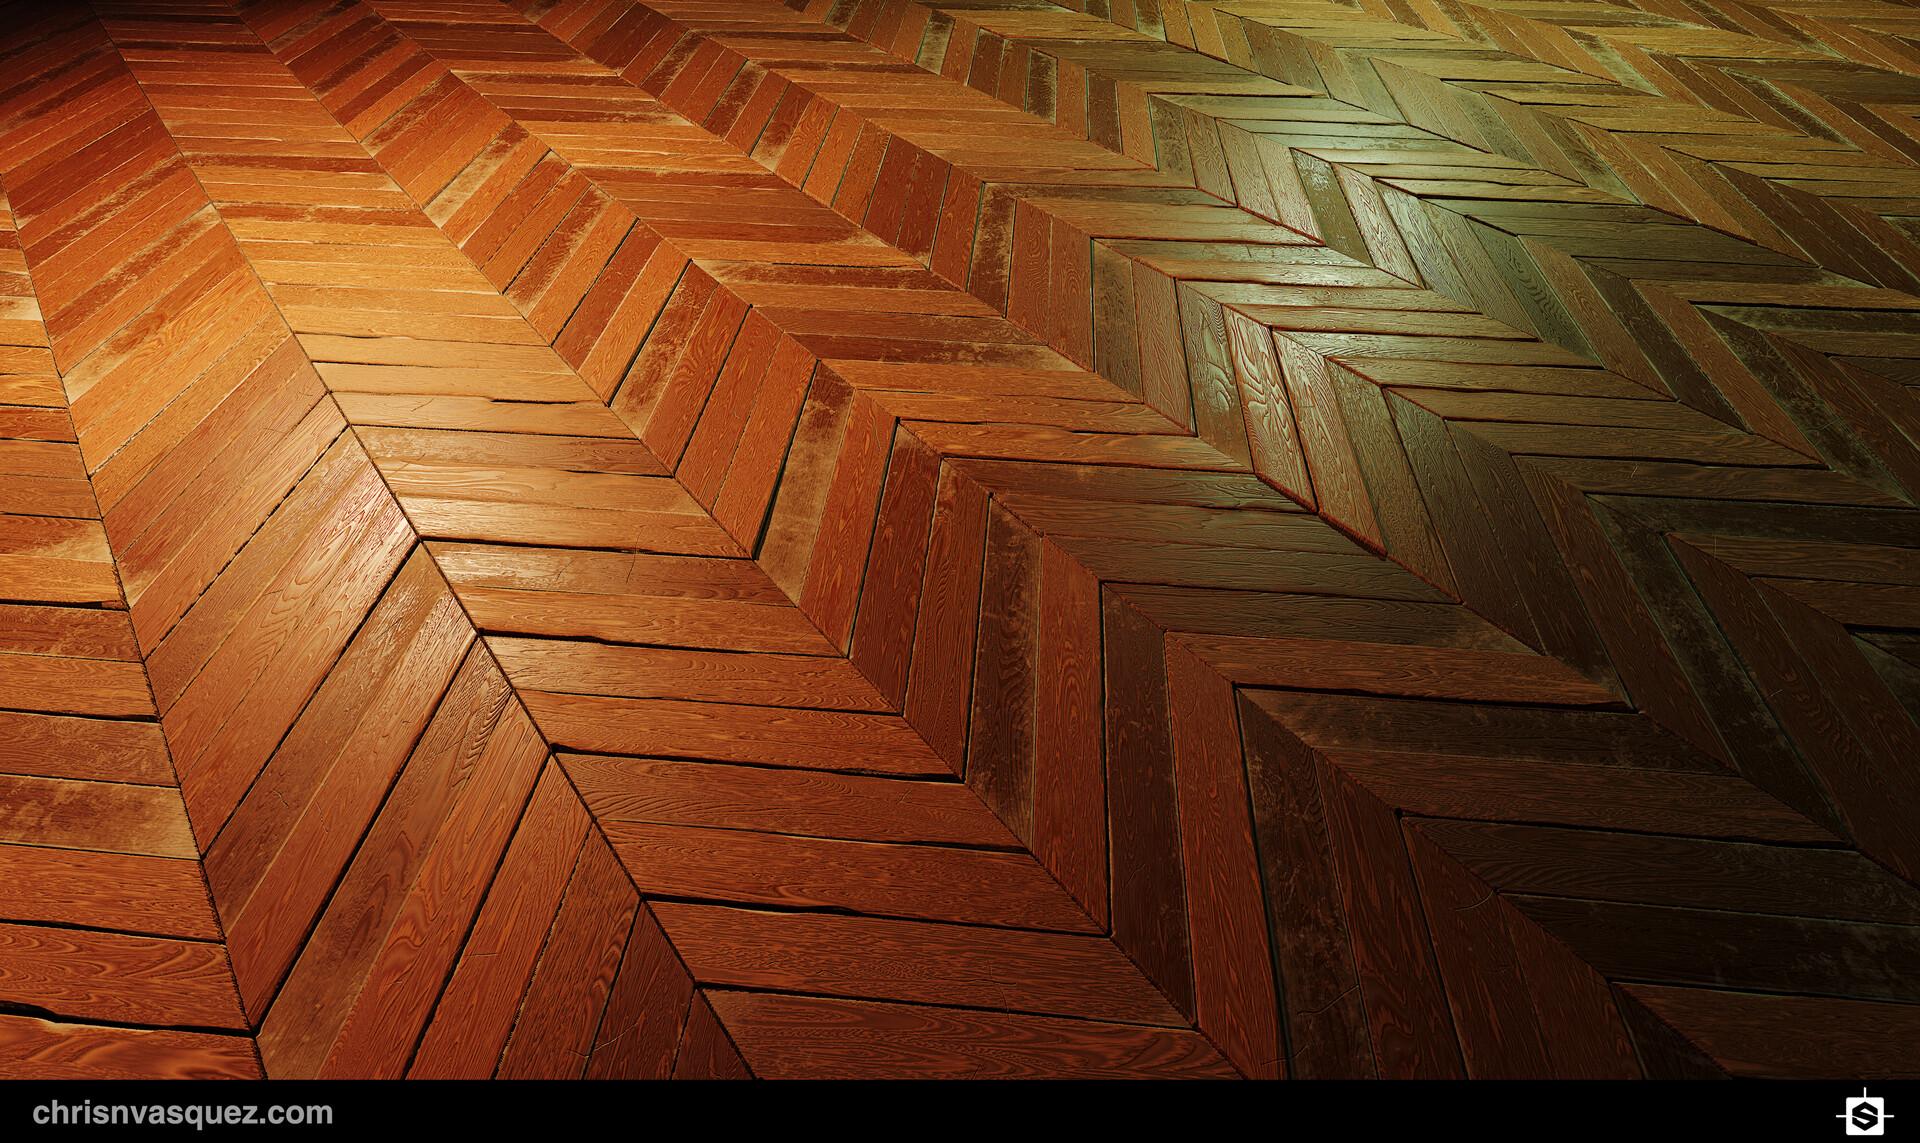 Christian vasquez ennishouse floor